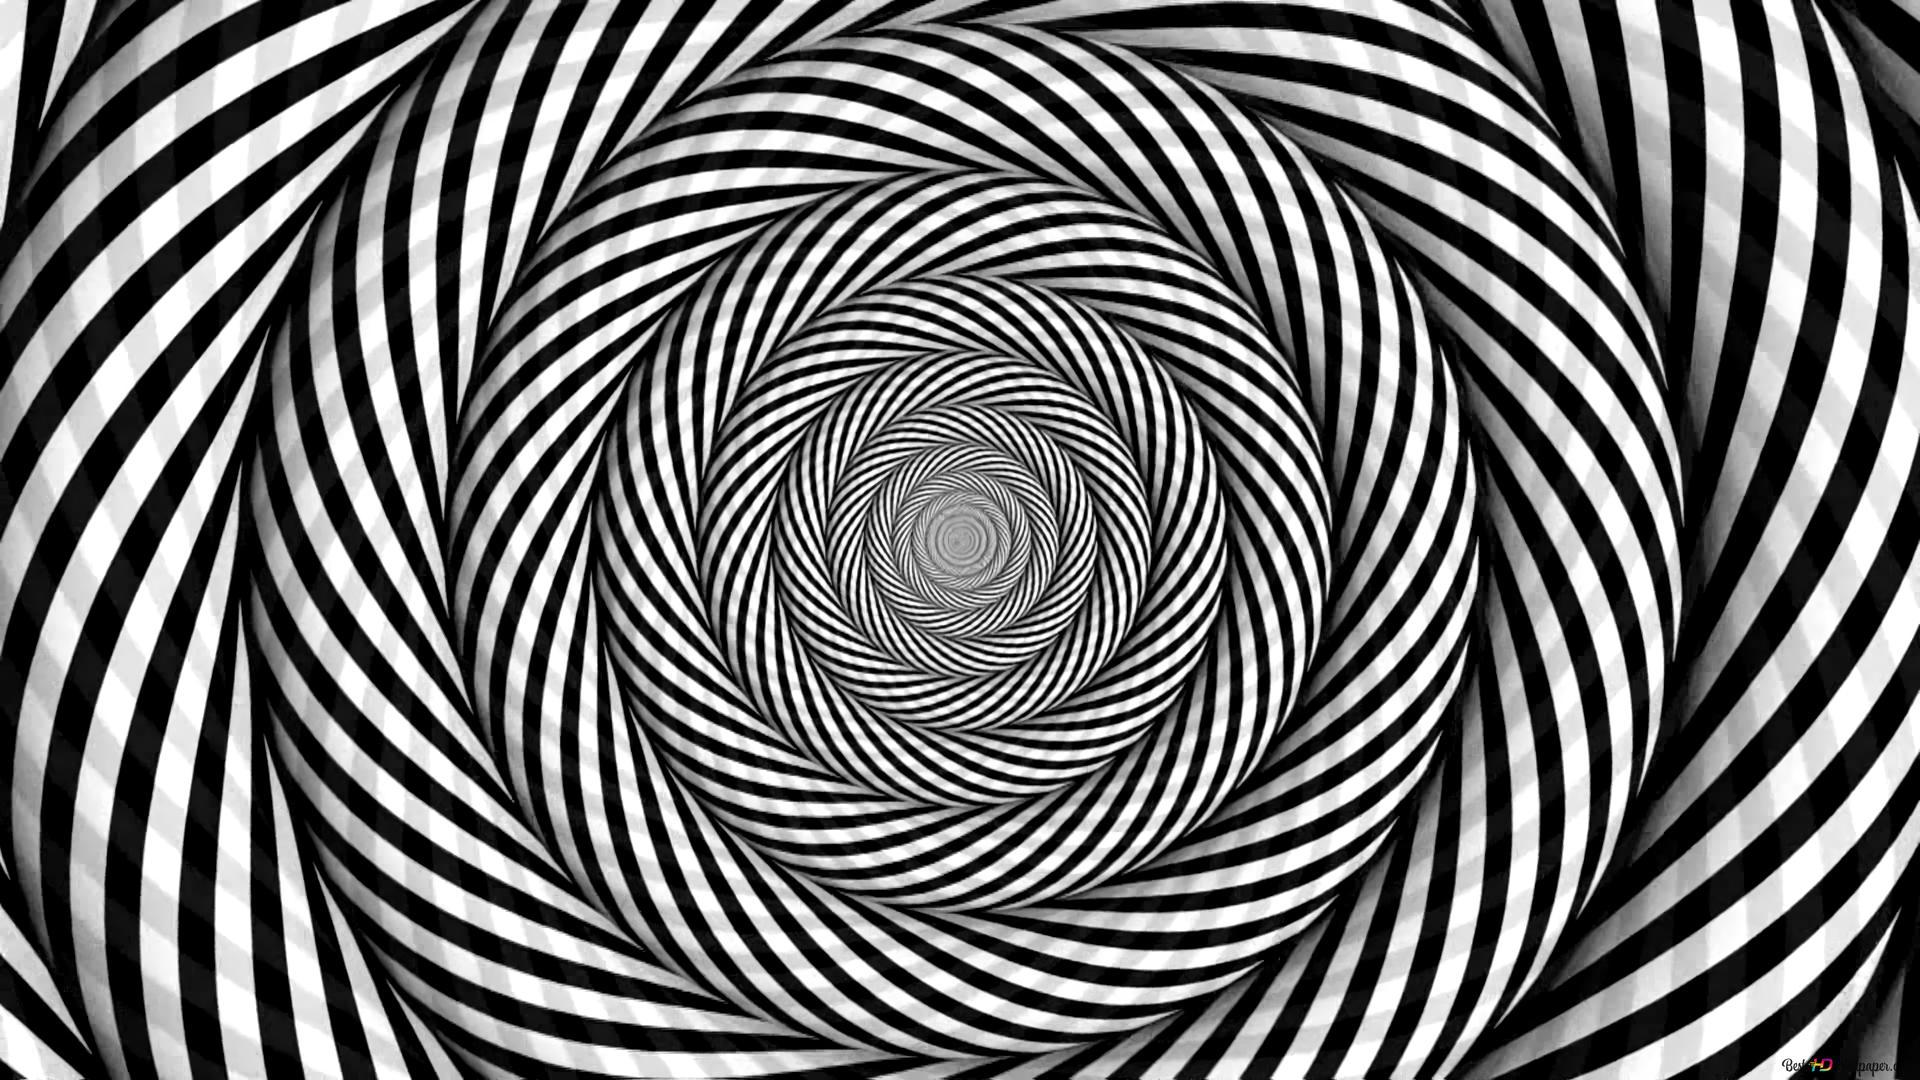 Ilusão óptica Preto E Branco Hd Wallpaper Download